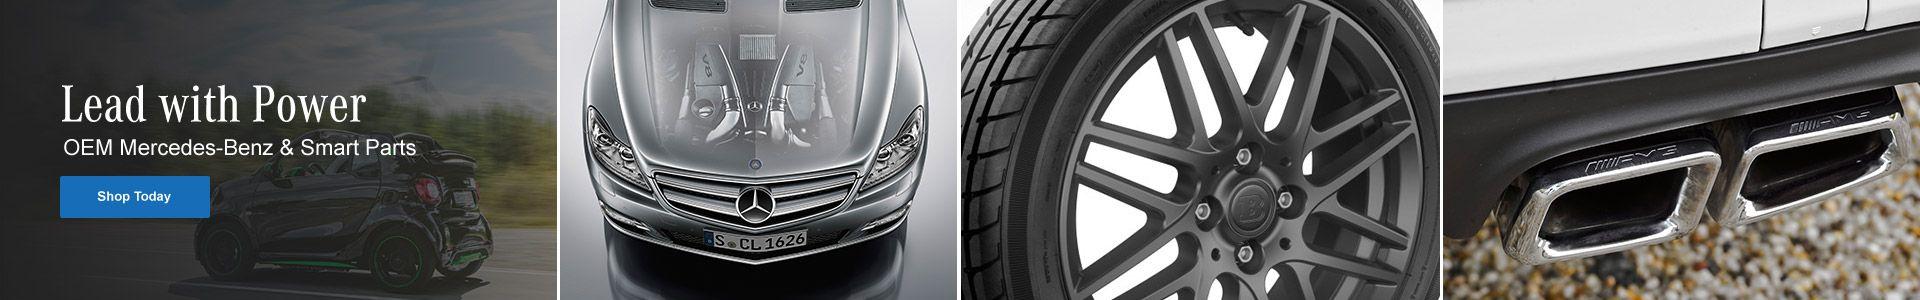 OEM Mini & Mercedes-Benz Parts